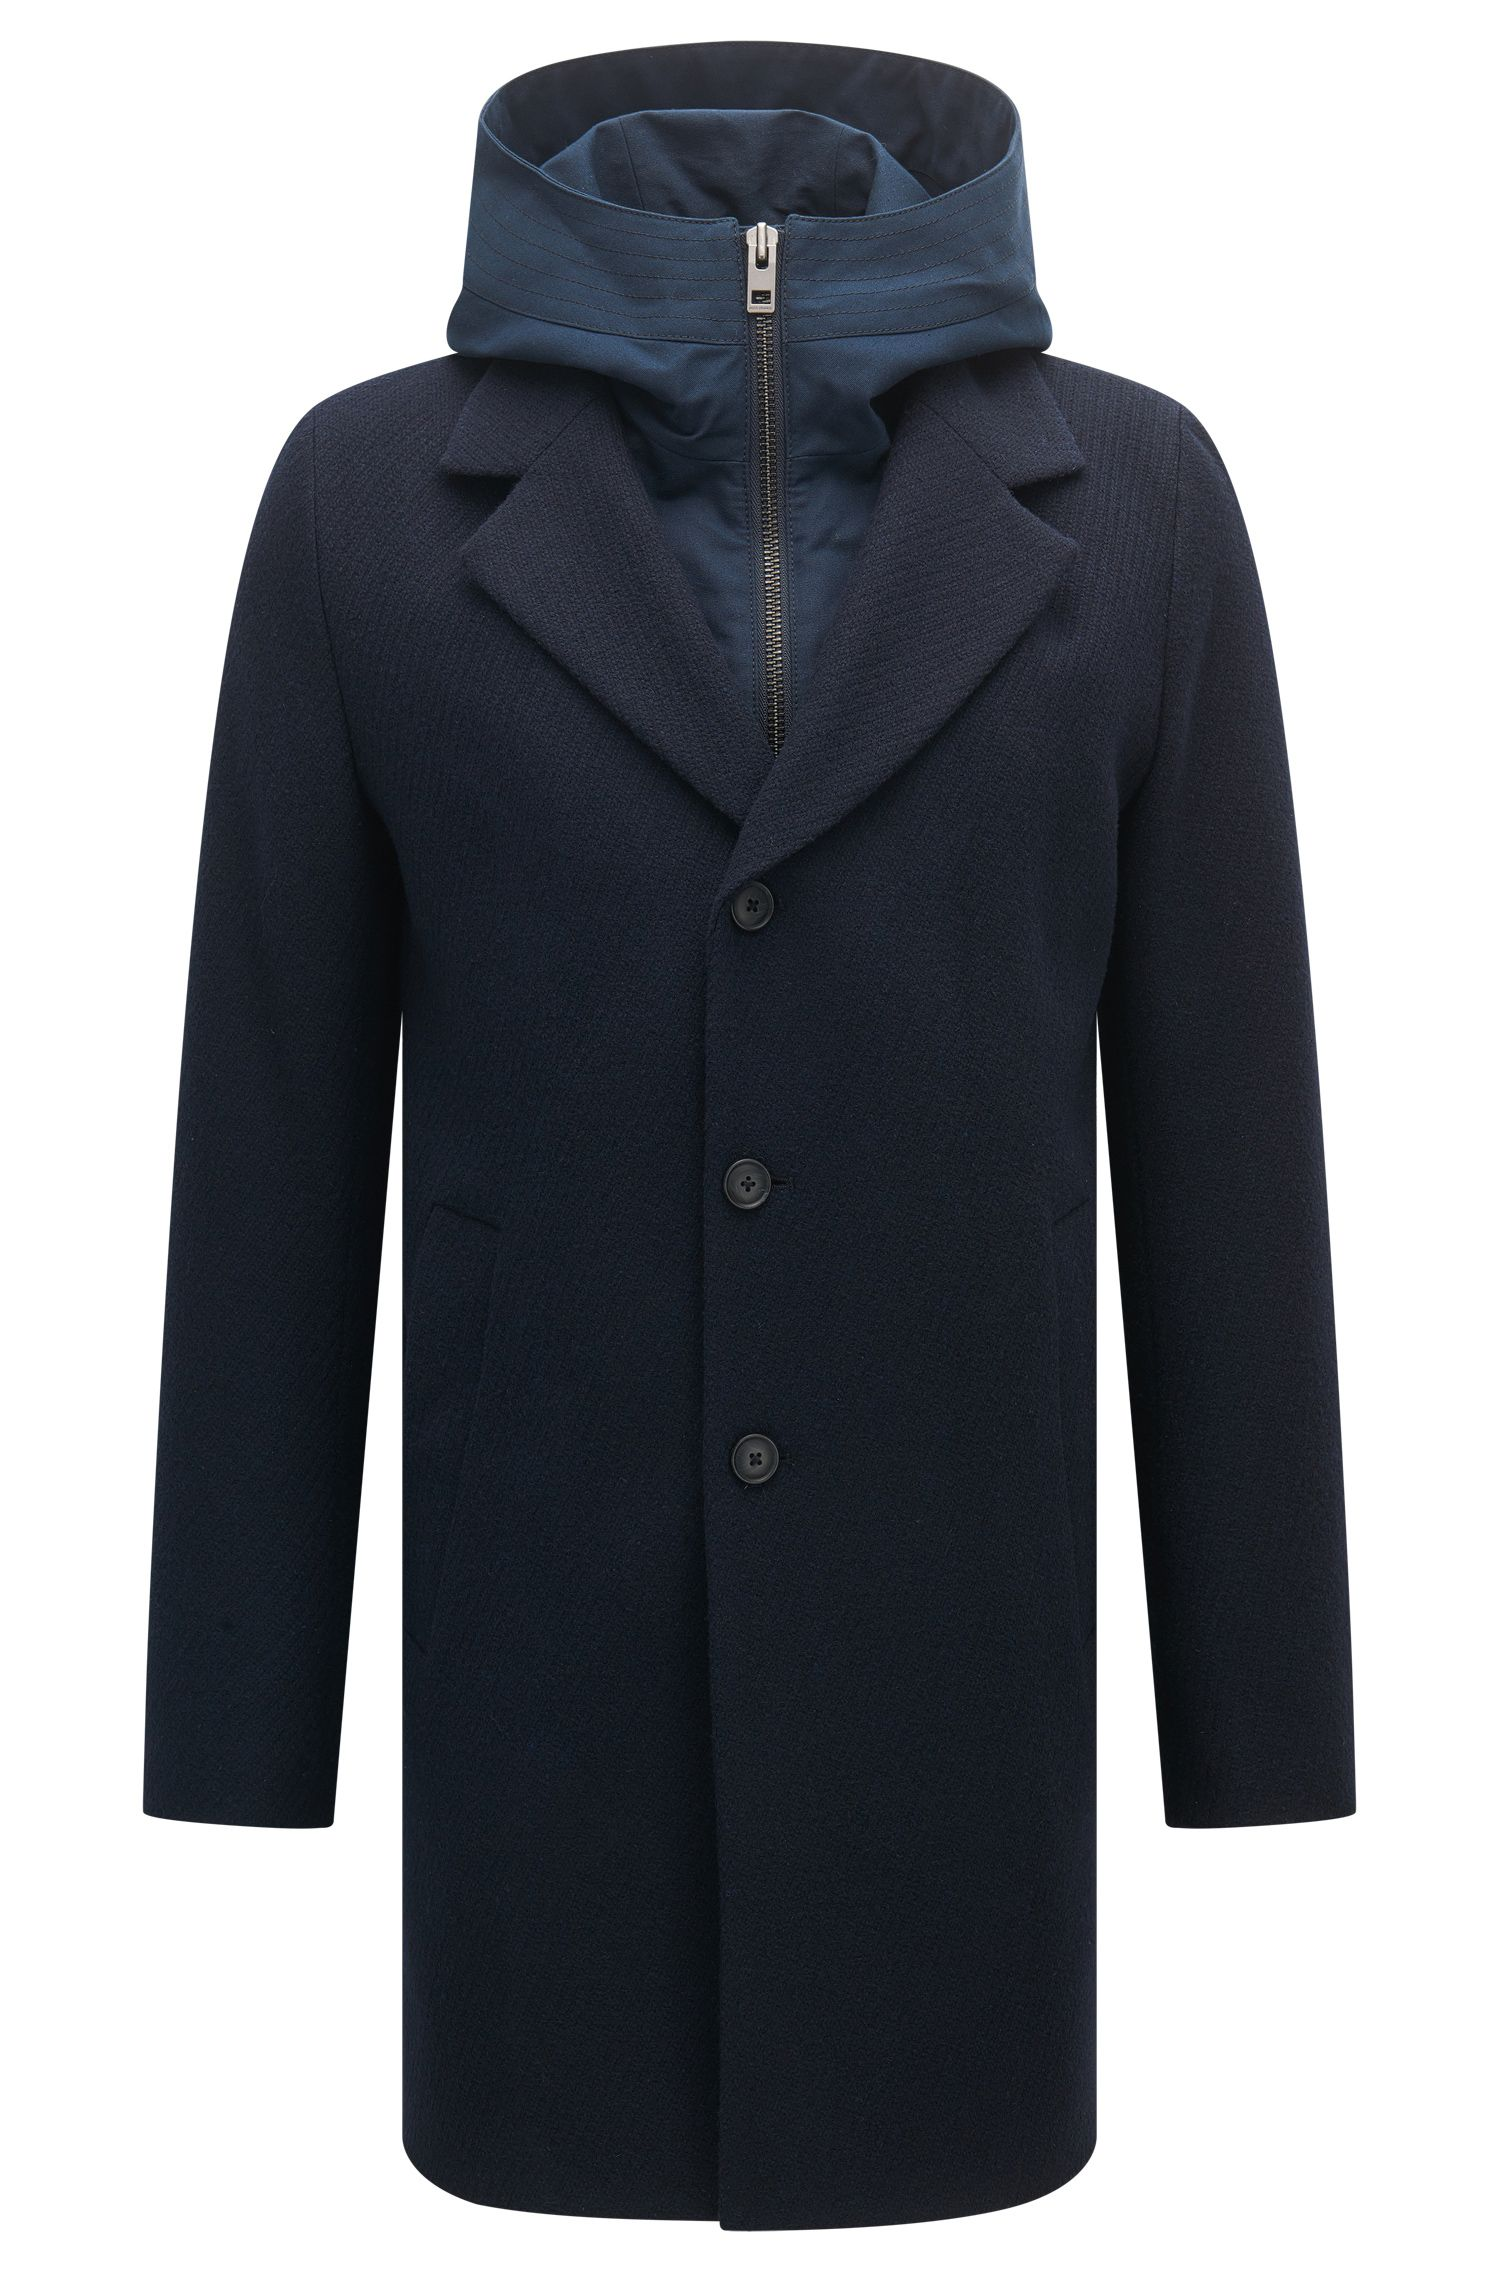 Abrigo slim fit con inserción de capucha